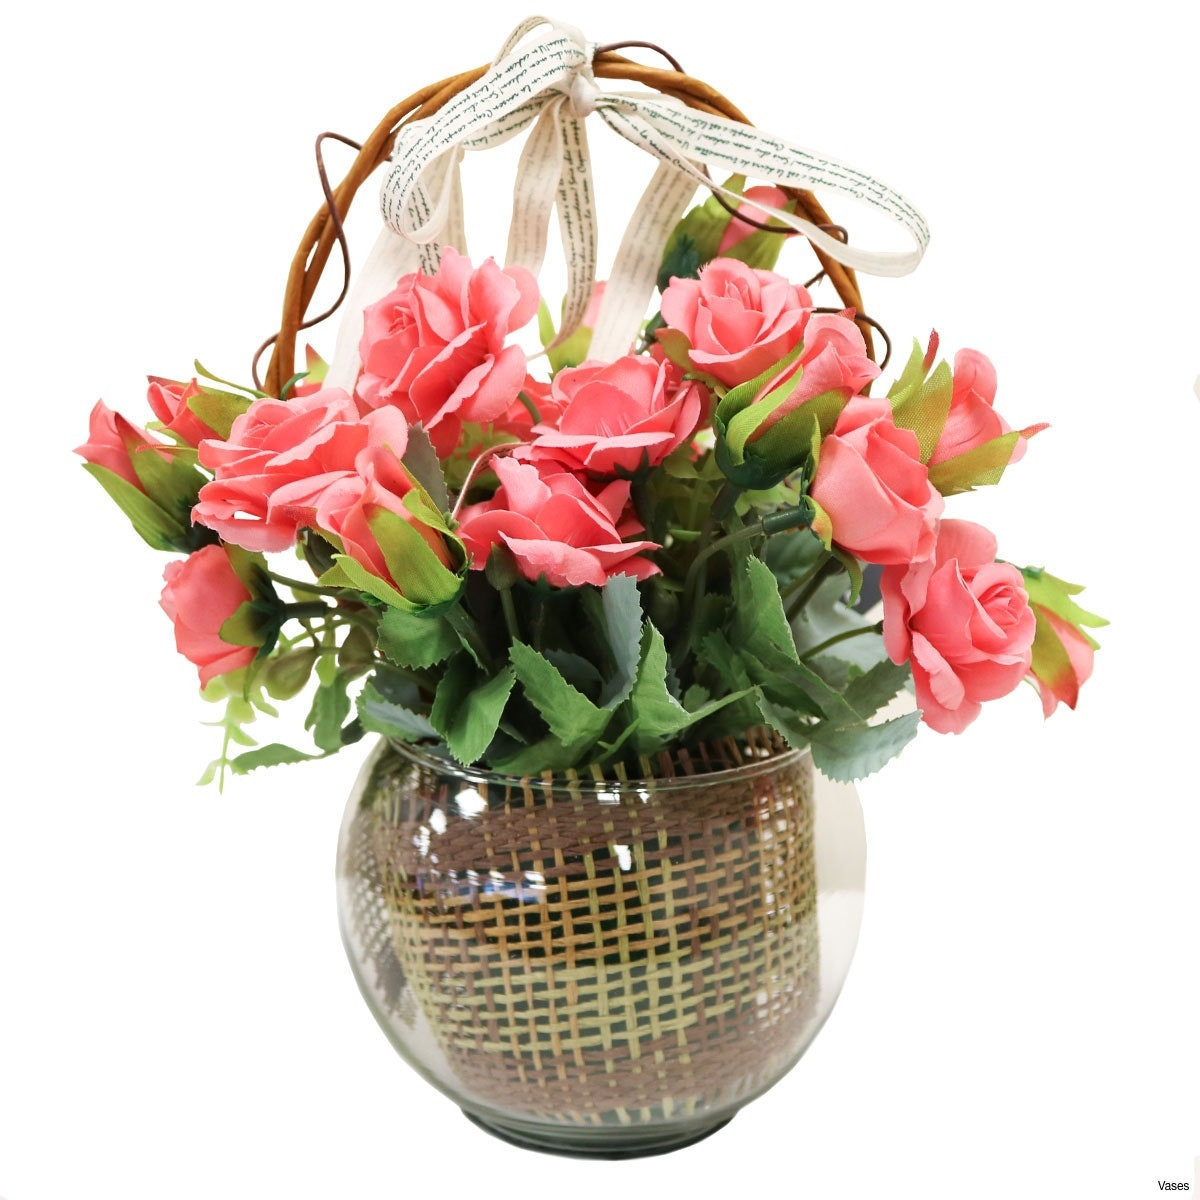 silk flowers in vases uk of 30 elegant flower basket decoration flower decoration ideas inside bf142 11km 1200x1200h vases pink flower vase i 0d gold inspiration